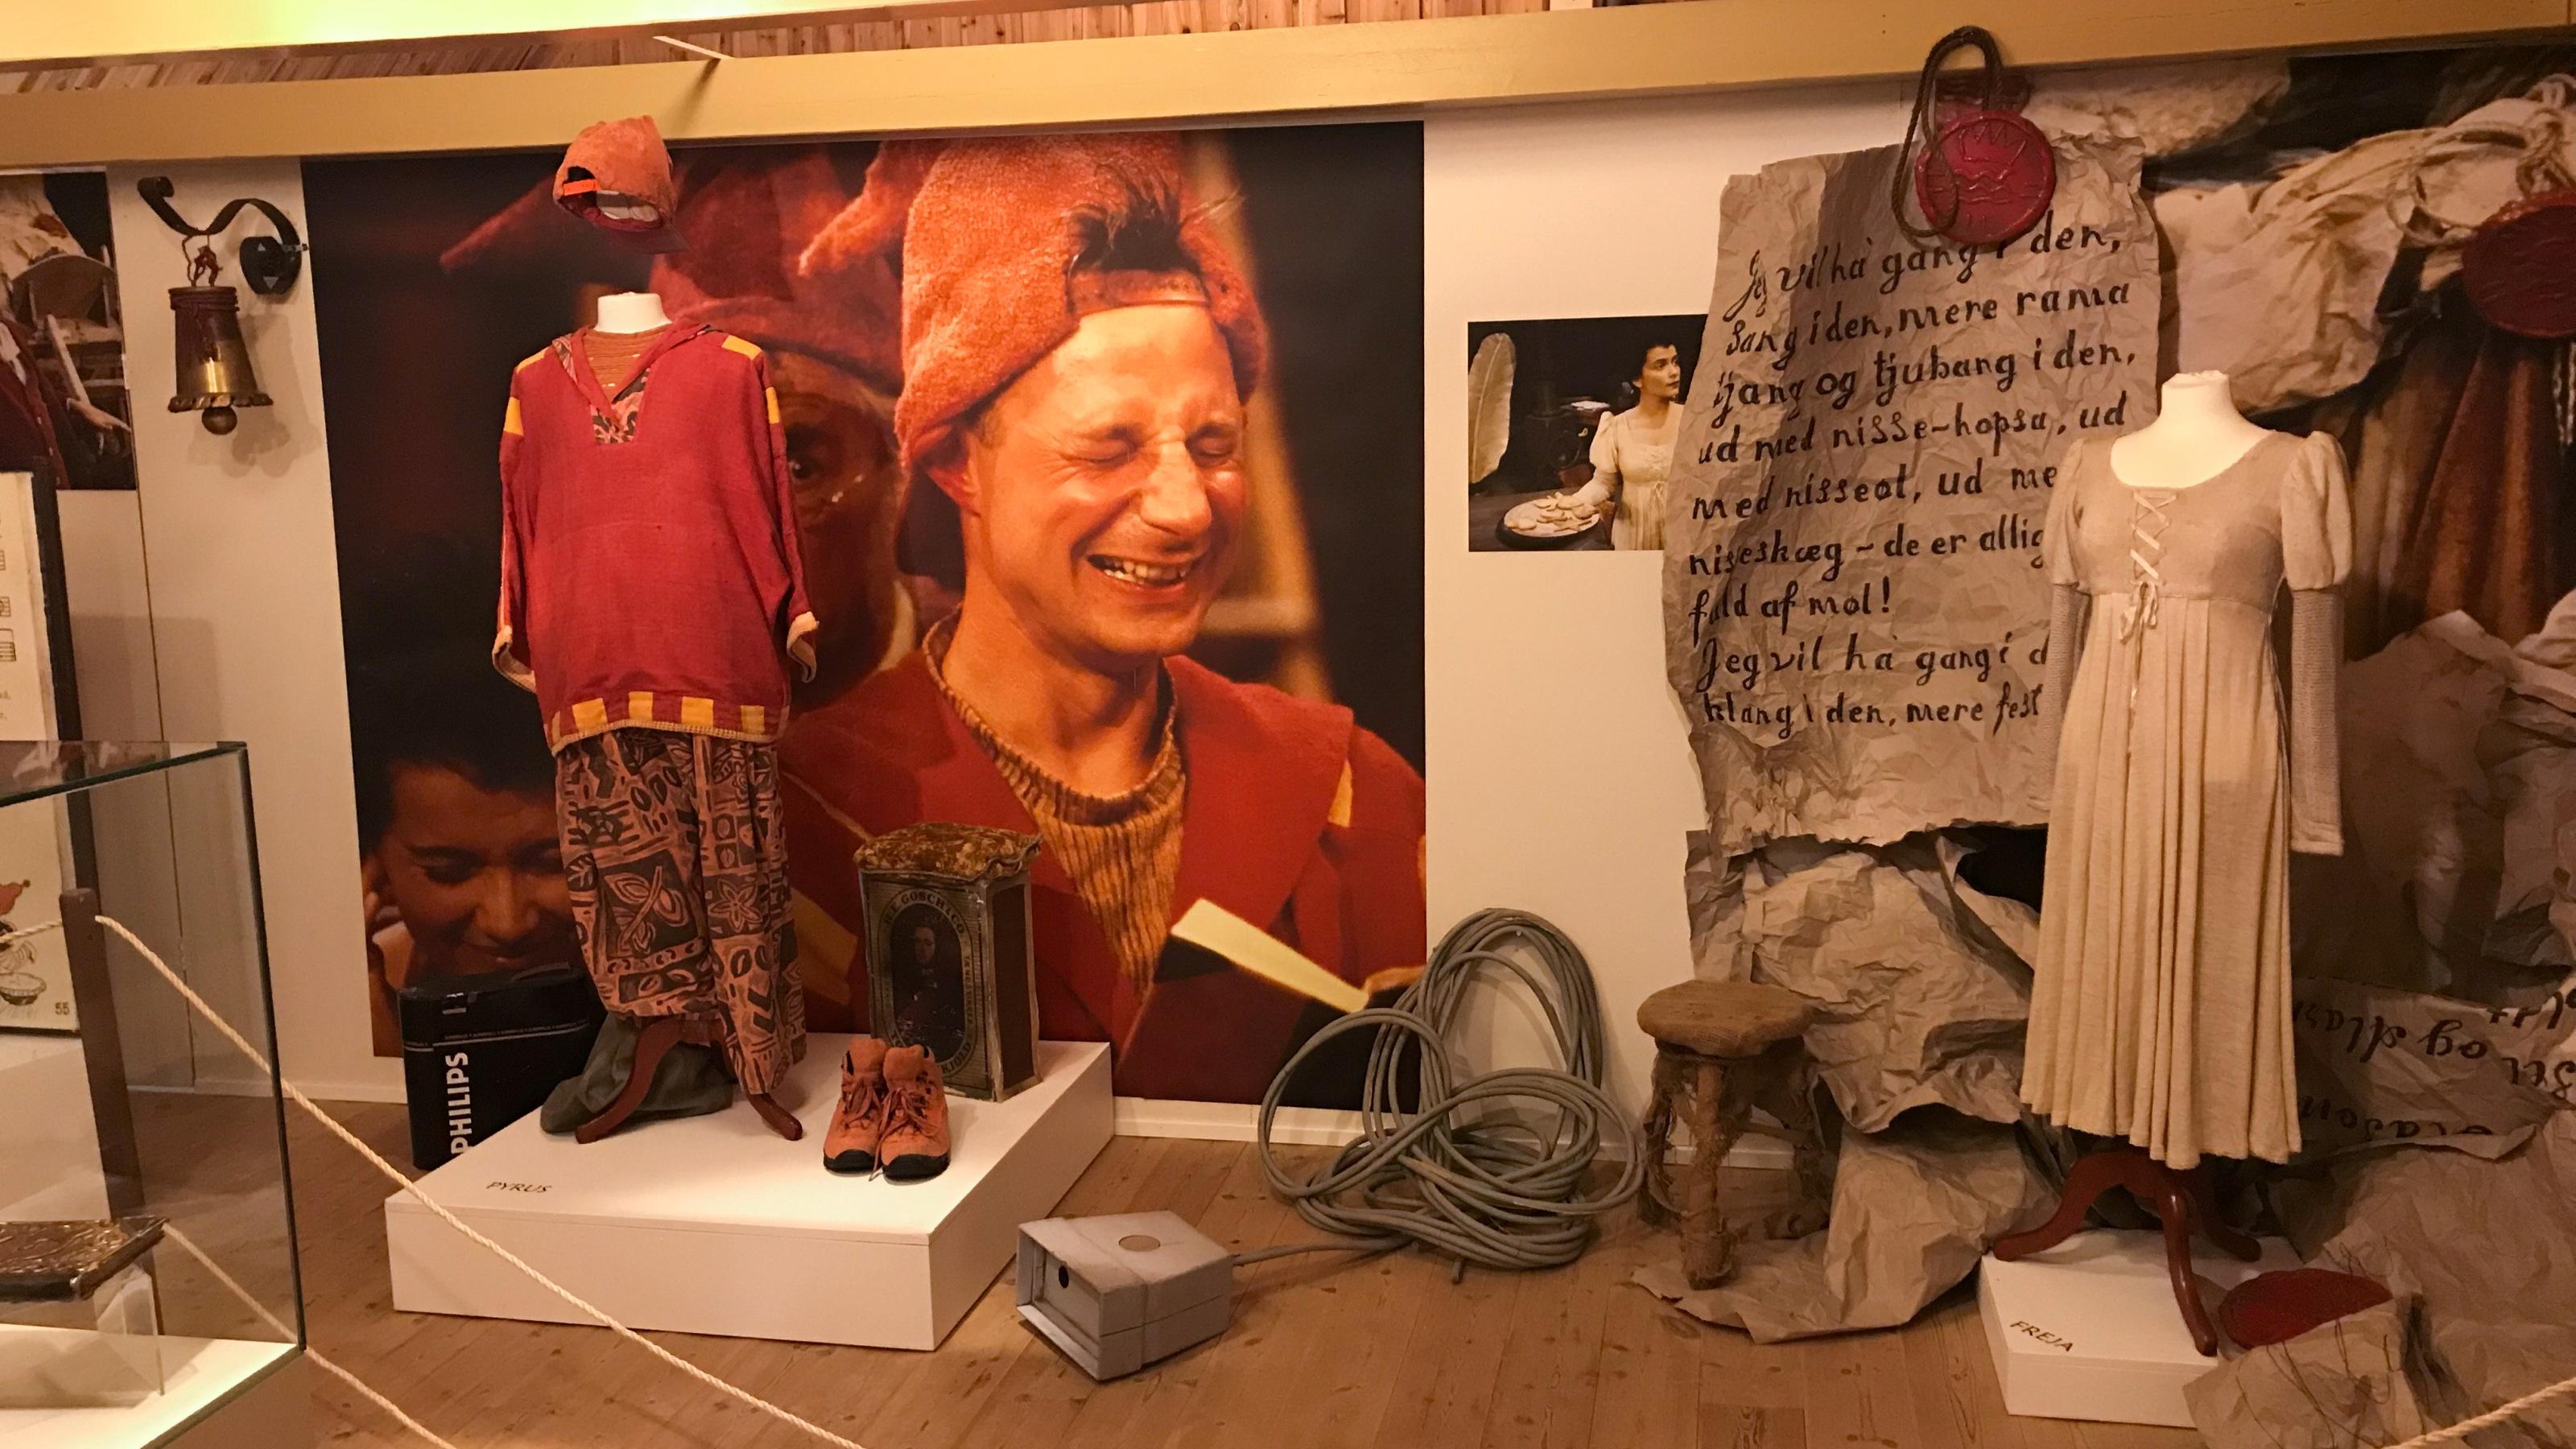 Pyrus-udstilling Bundsbaek Moelle 02